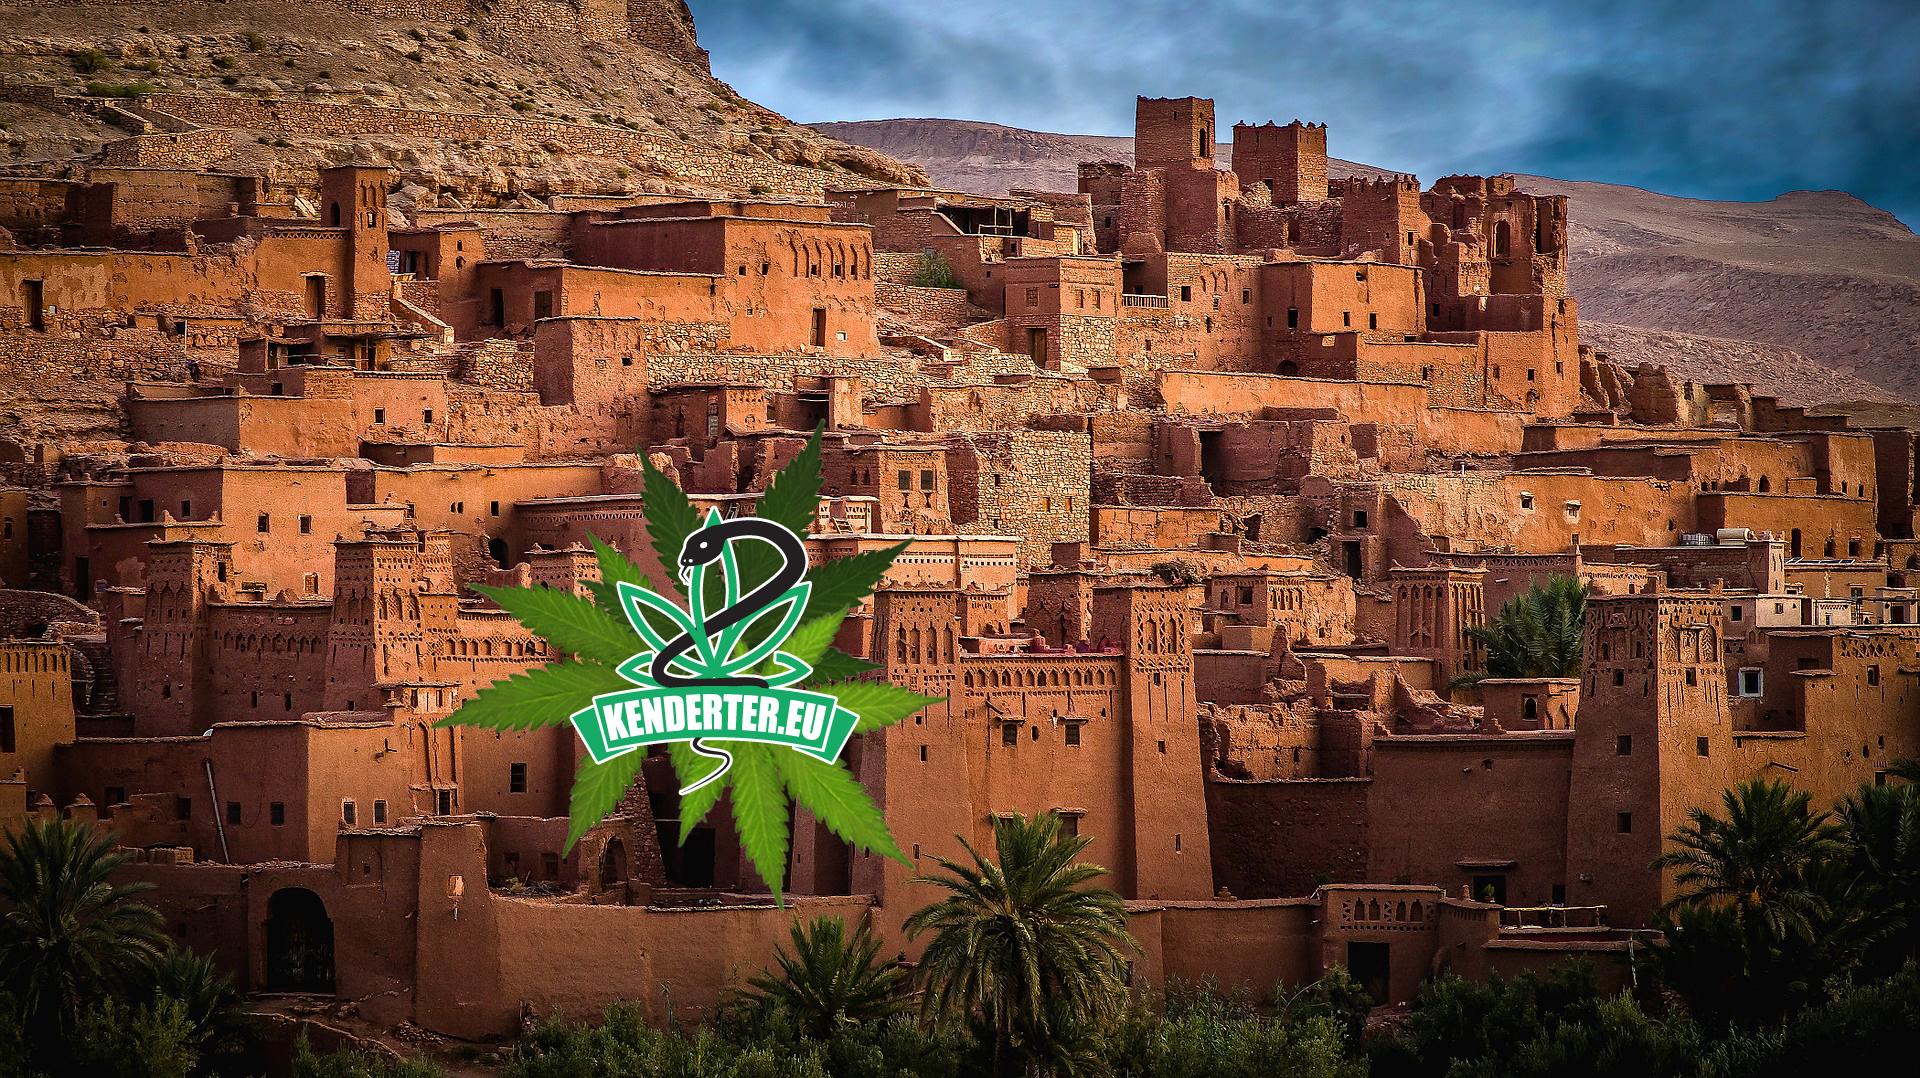 Hivatalos: Marokkó a jövő héten legalizálja a kannabiszt